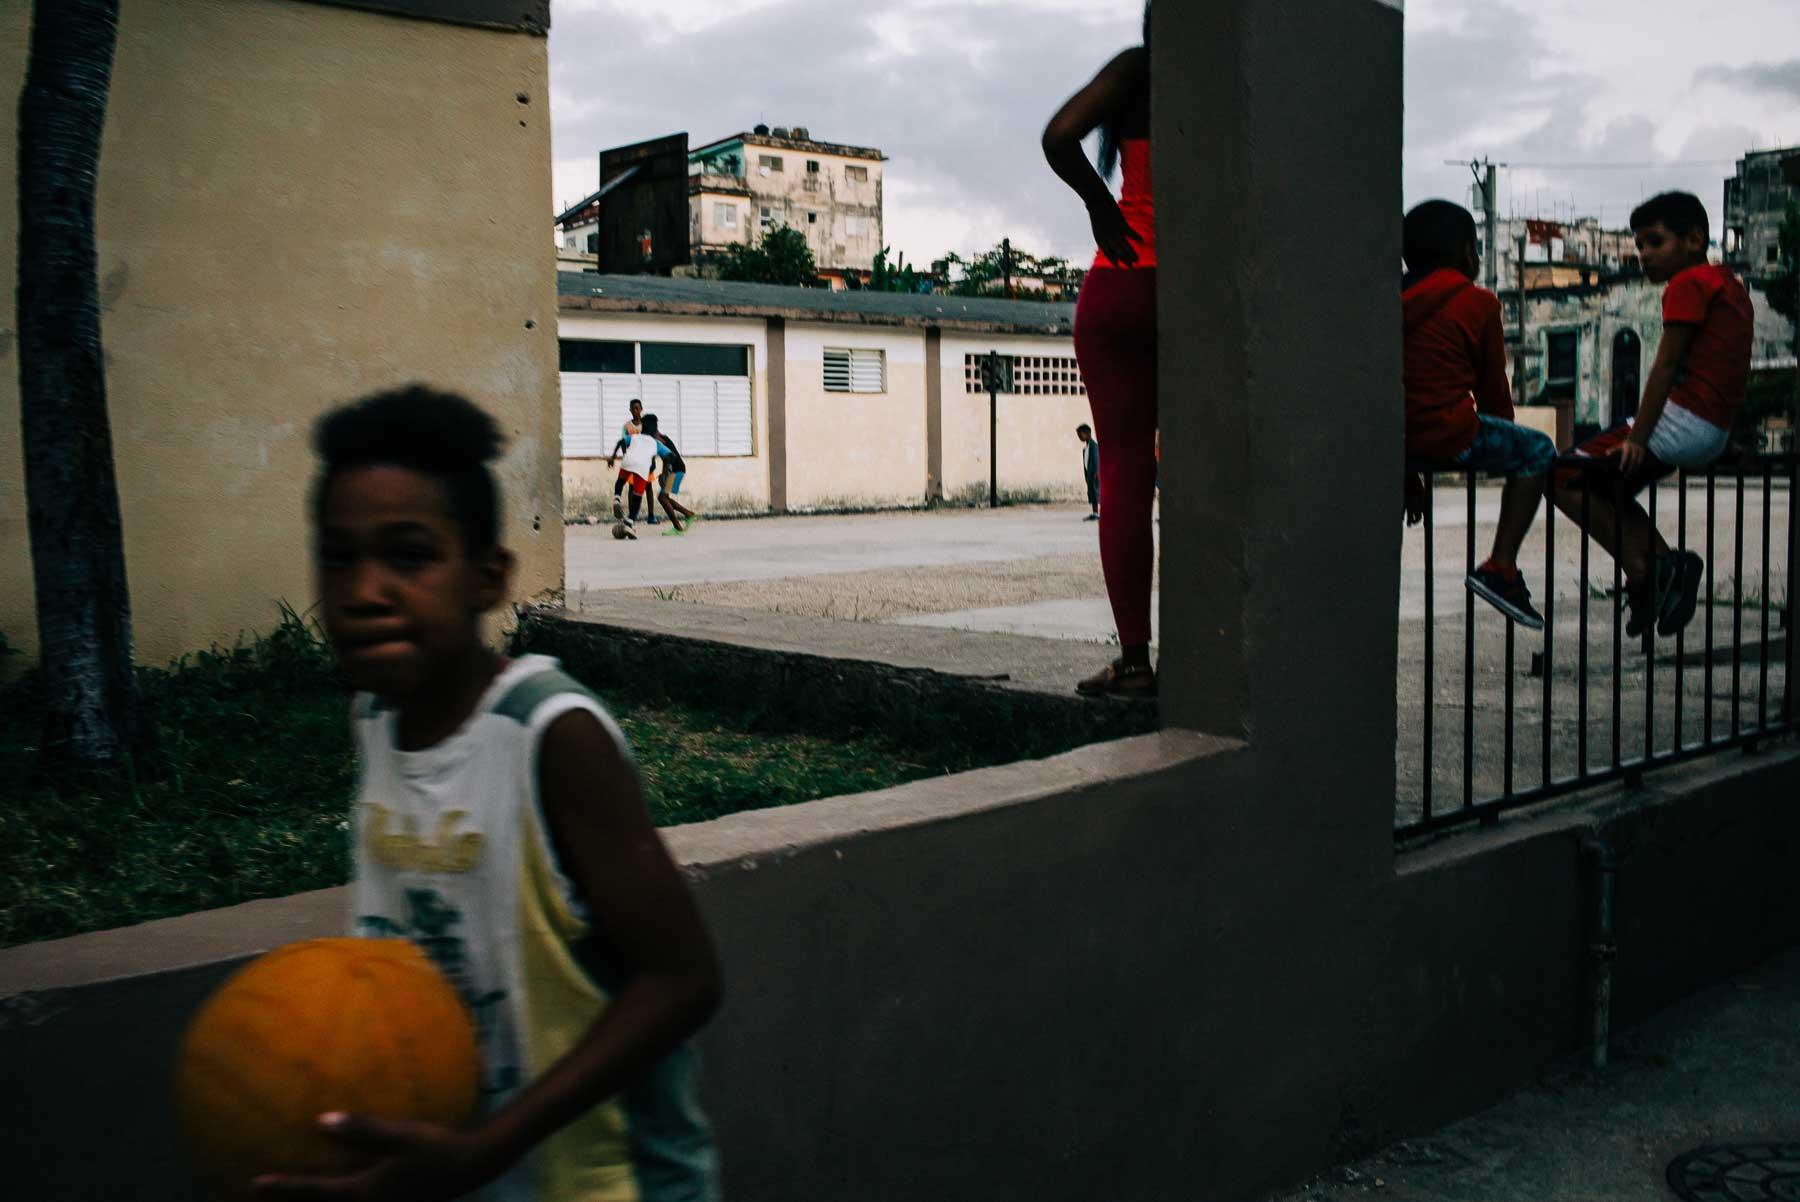 havana_cuba_workshop_photographers_02.jpg